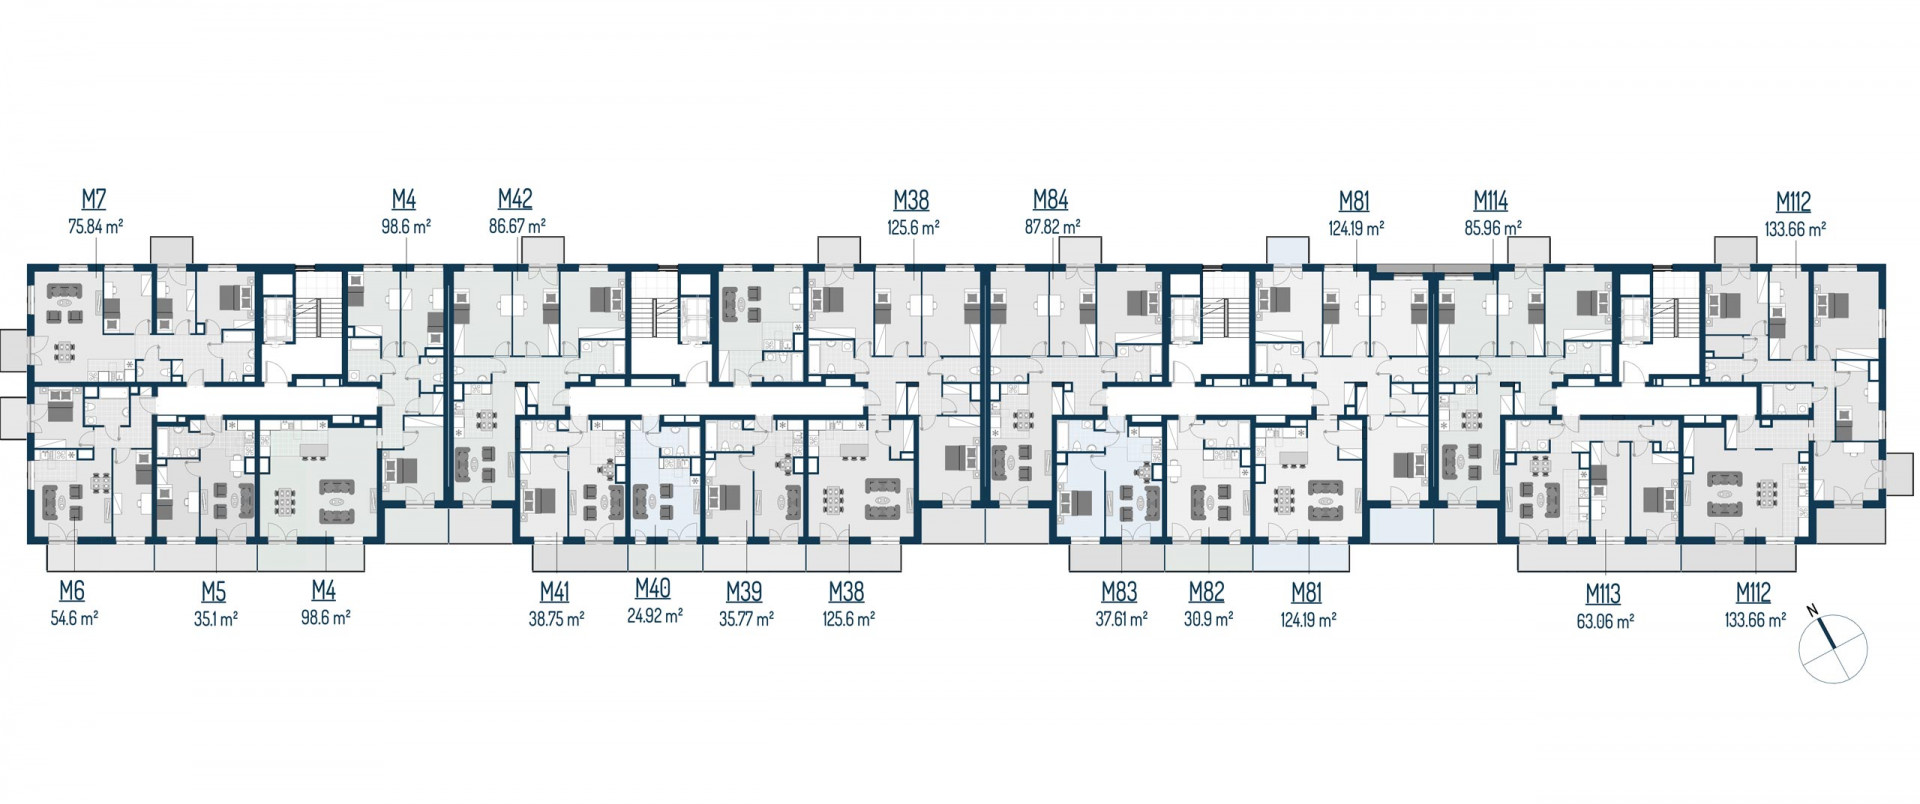 Zdrowe Stylove / budynek 2 / mieszkanie nr 6 rzut 2